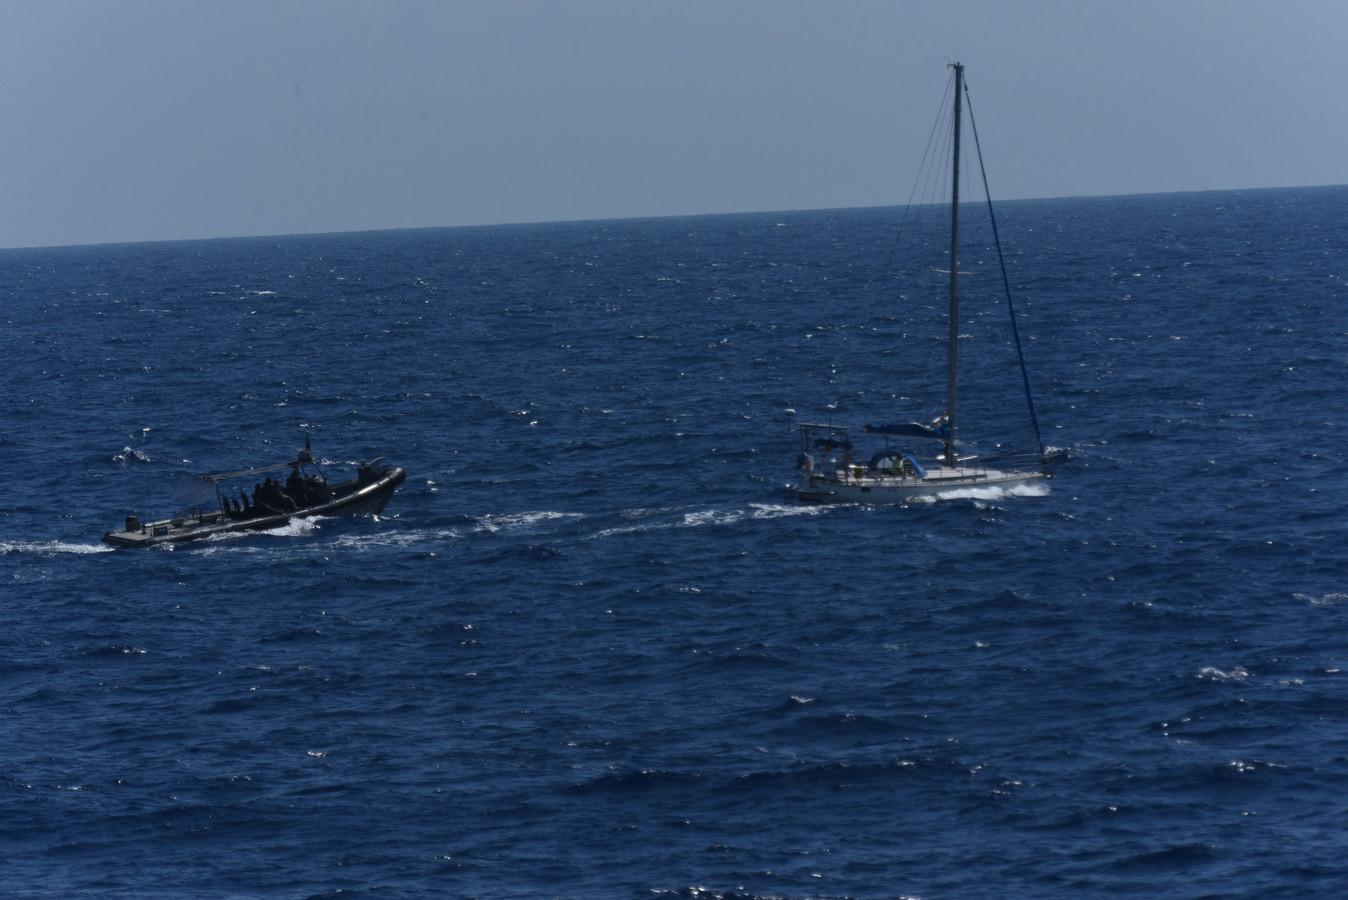 Bij een van de drugsoperaties vorige maand zagen Nederlandse militairen hoe vanuit een speedboot de drugs werden overgeladen in een zeiljacht.